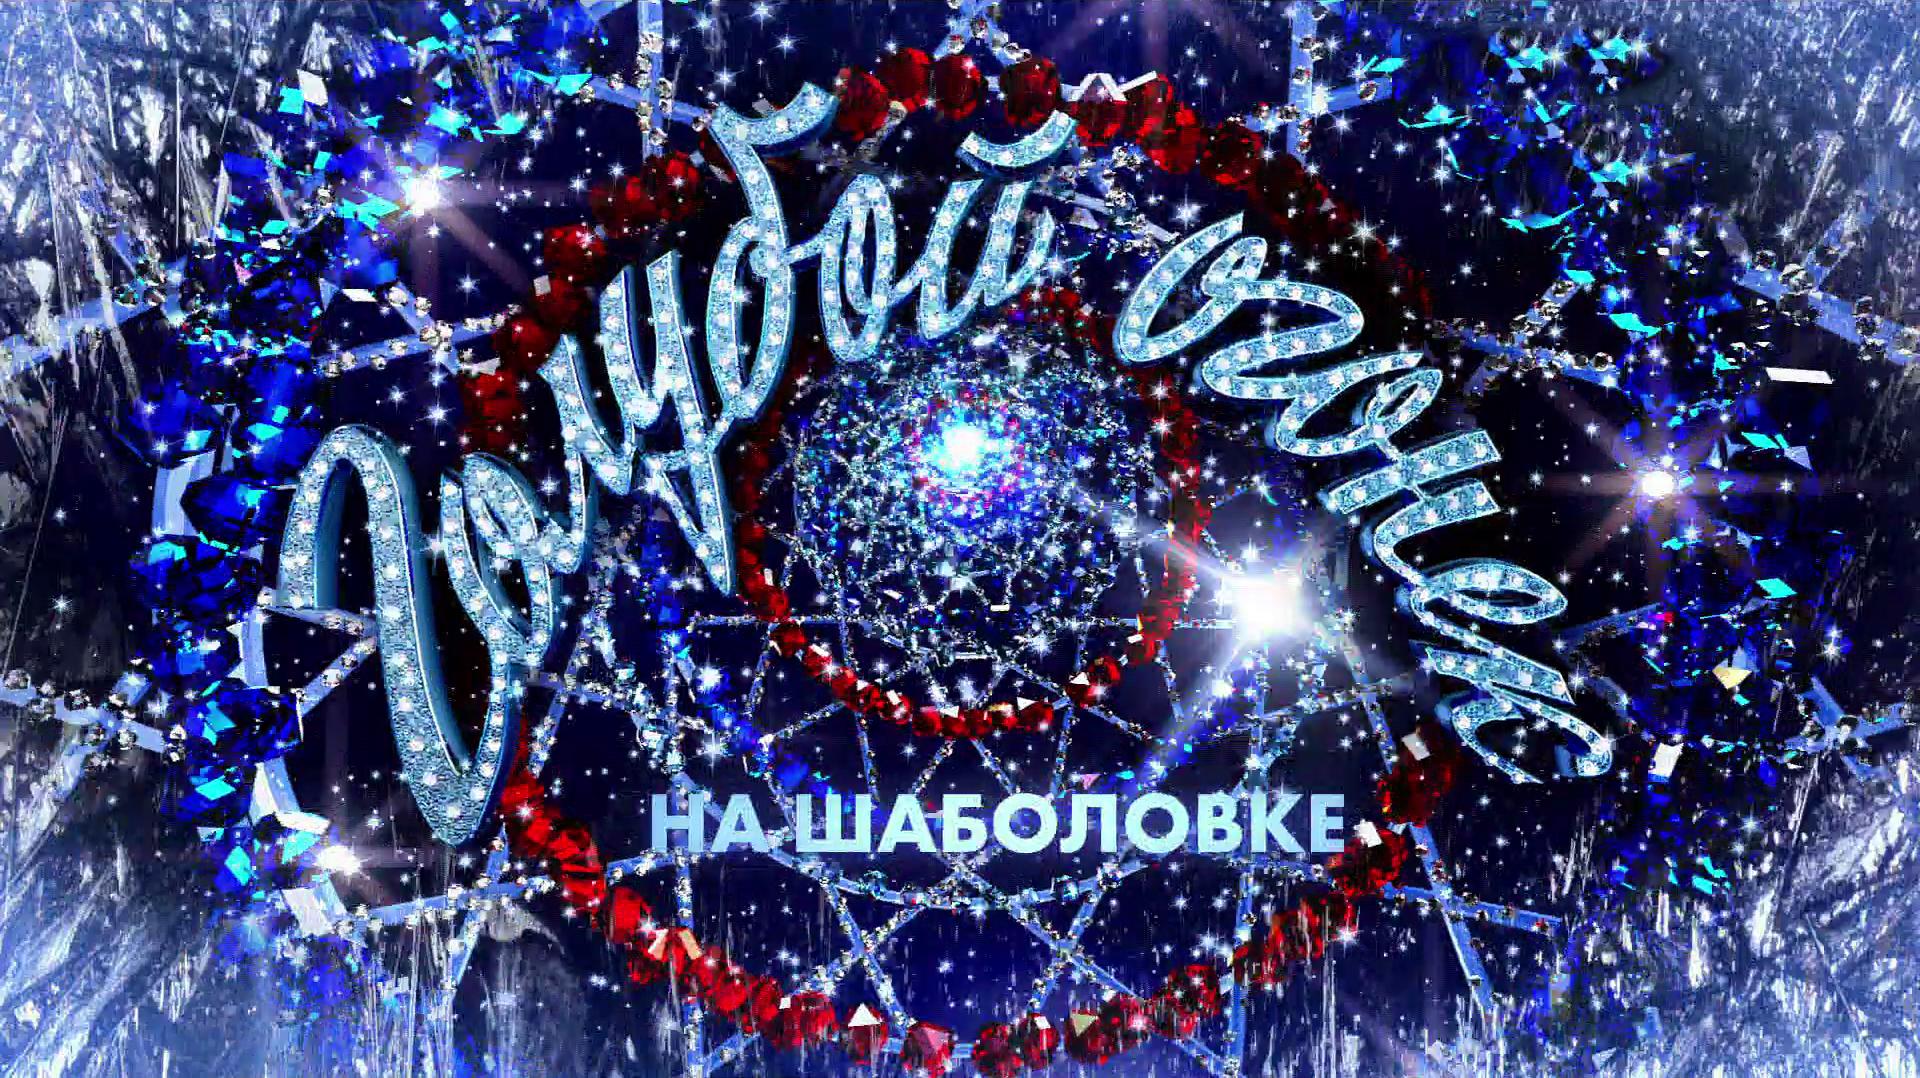 Голубой огонк 2010 негр